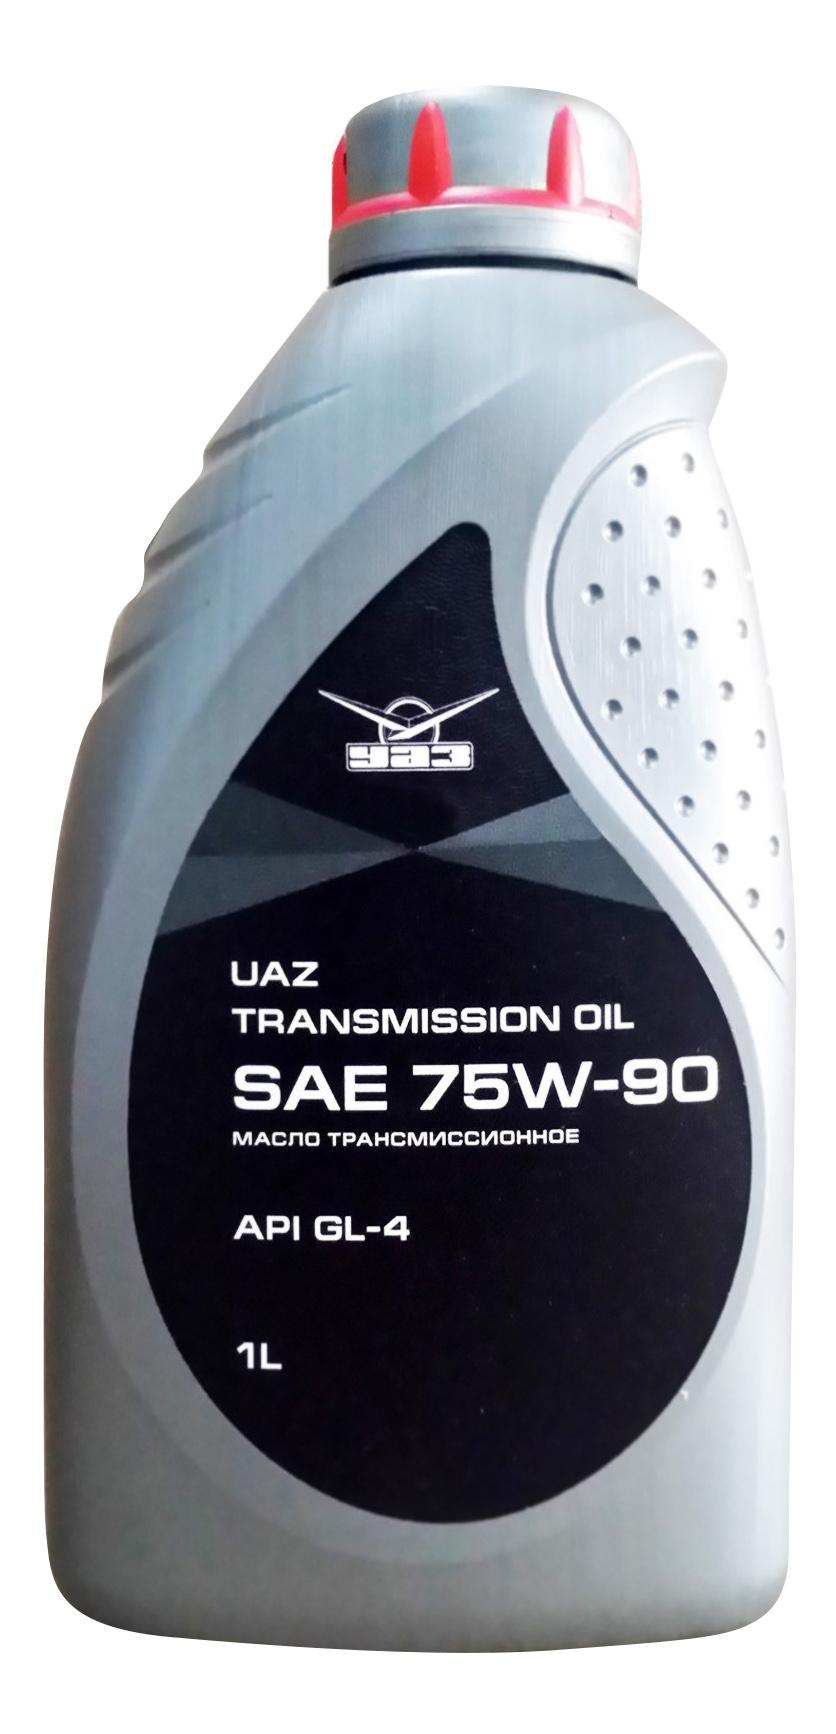 Масло трансмиссионное УАЗ SAE 75W90 API GL-4 1л.